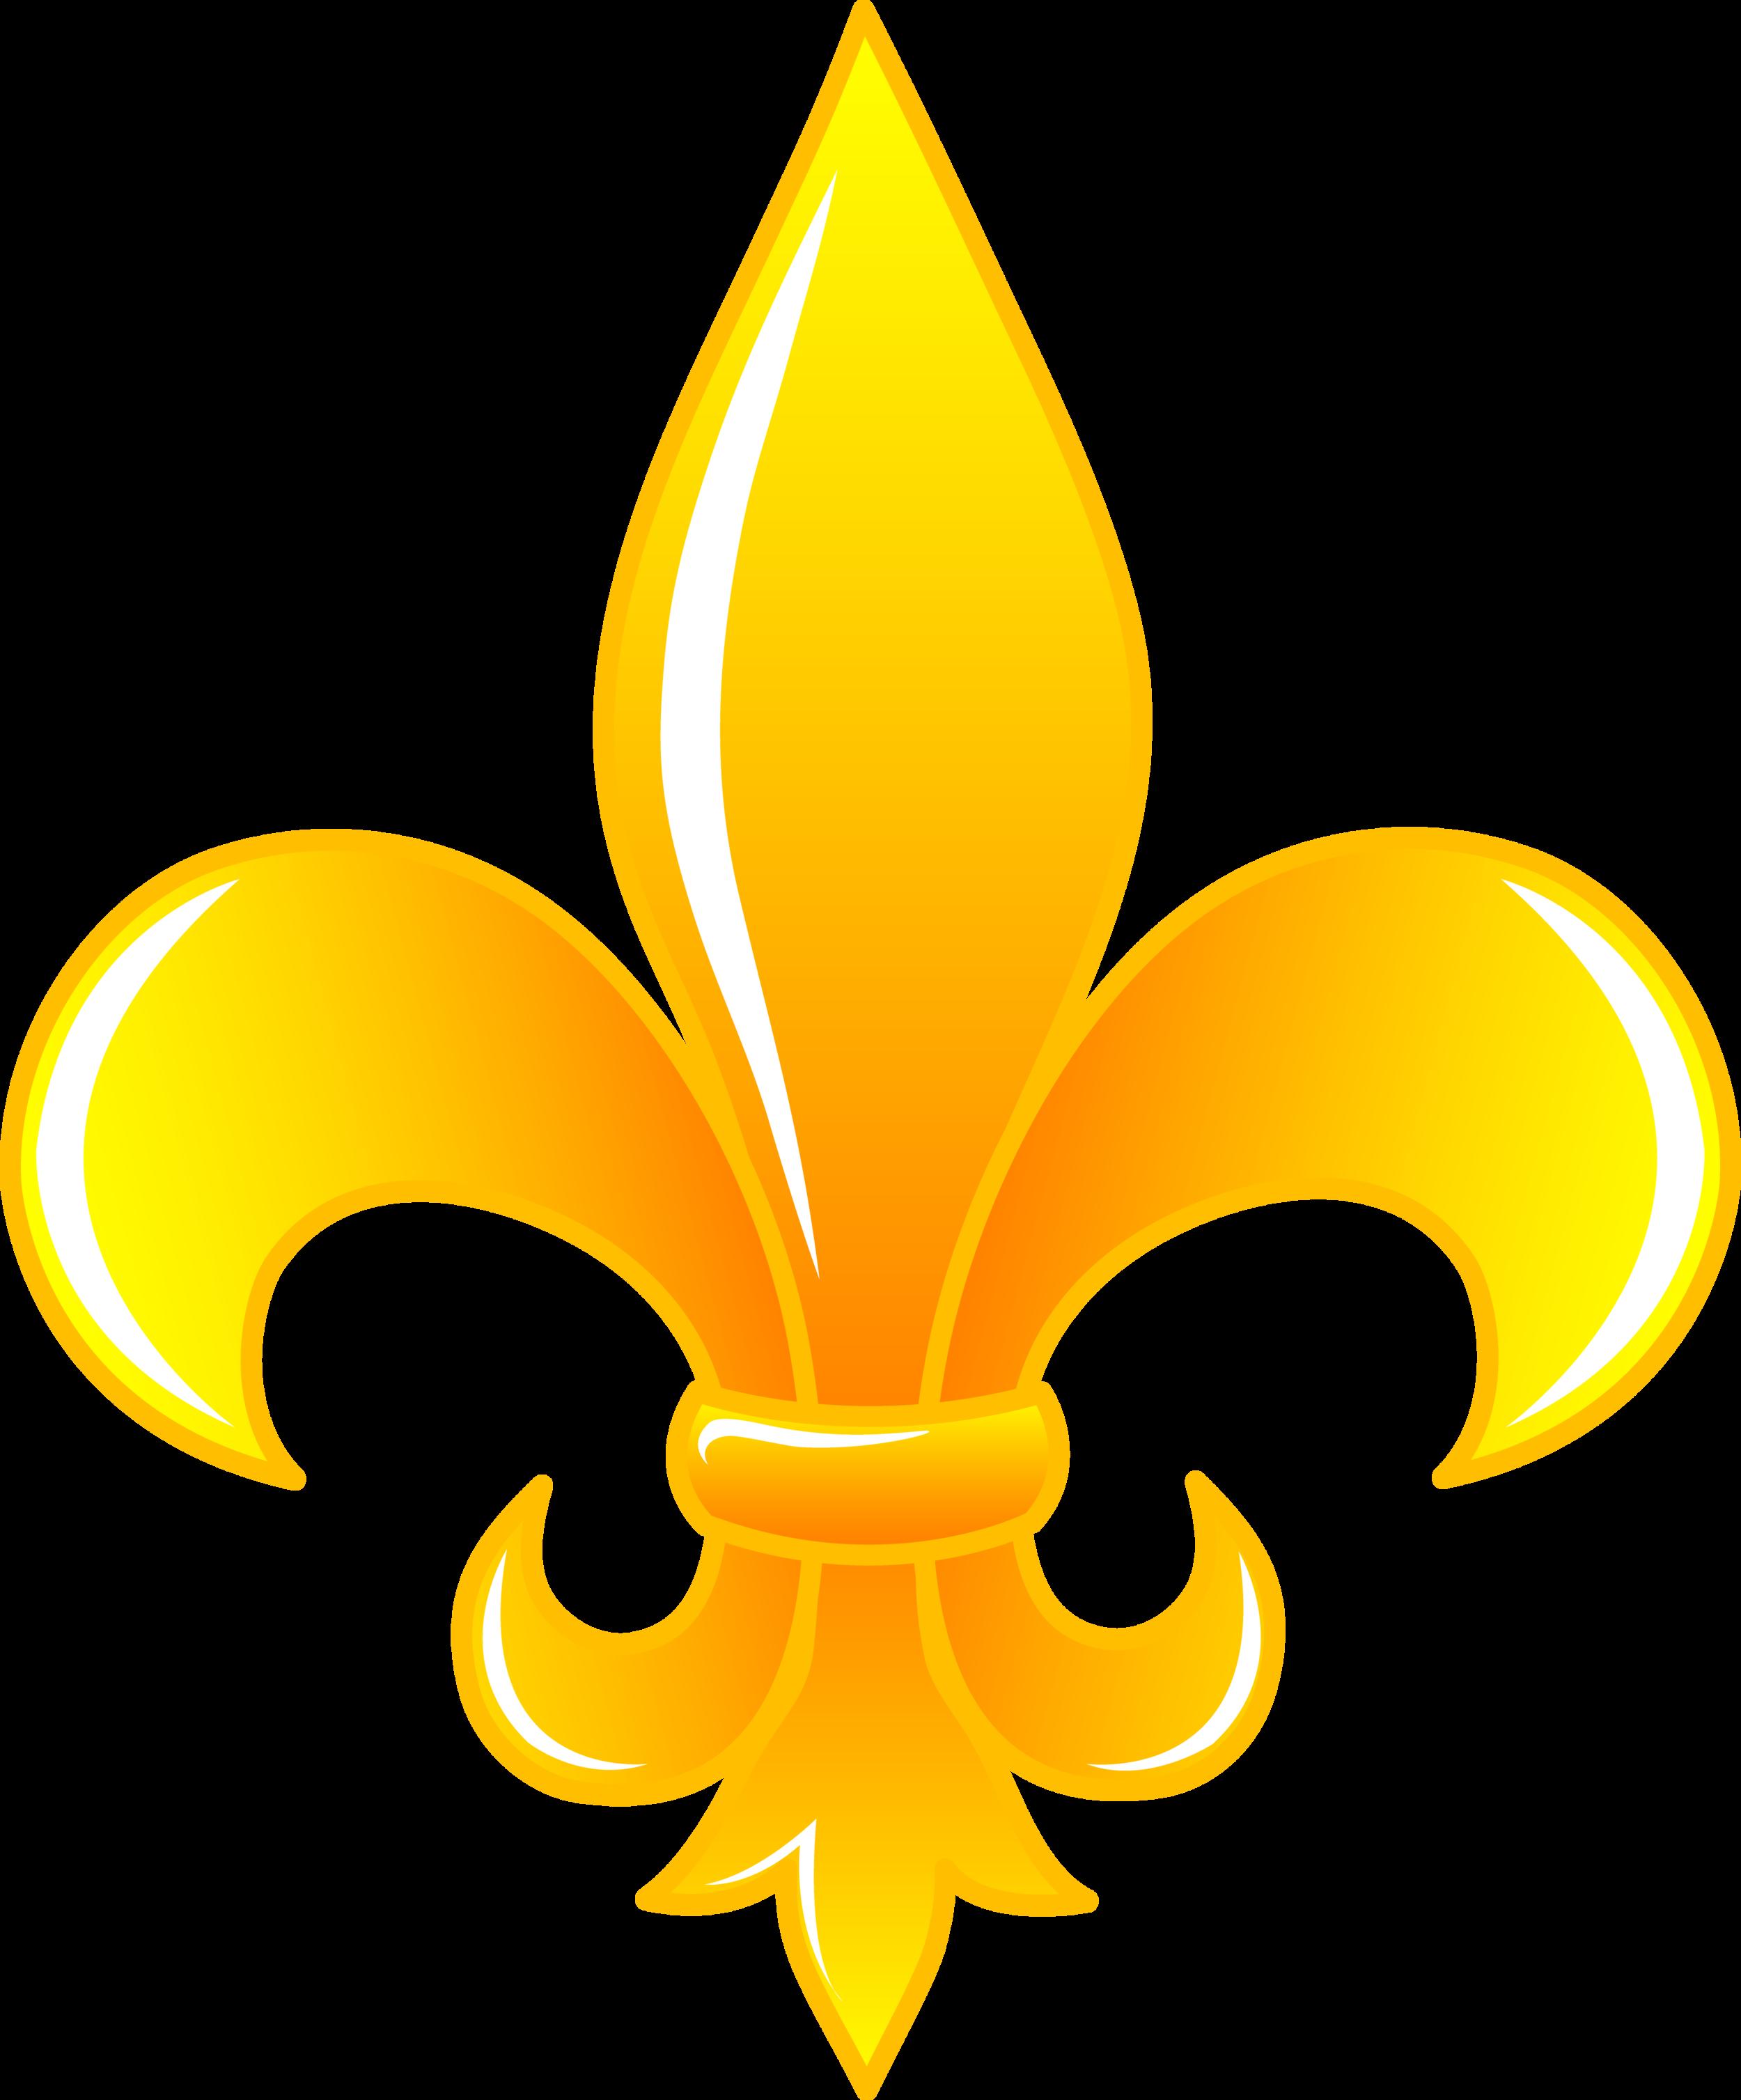 The Fleur de Lis